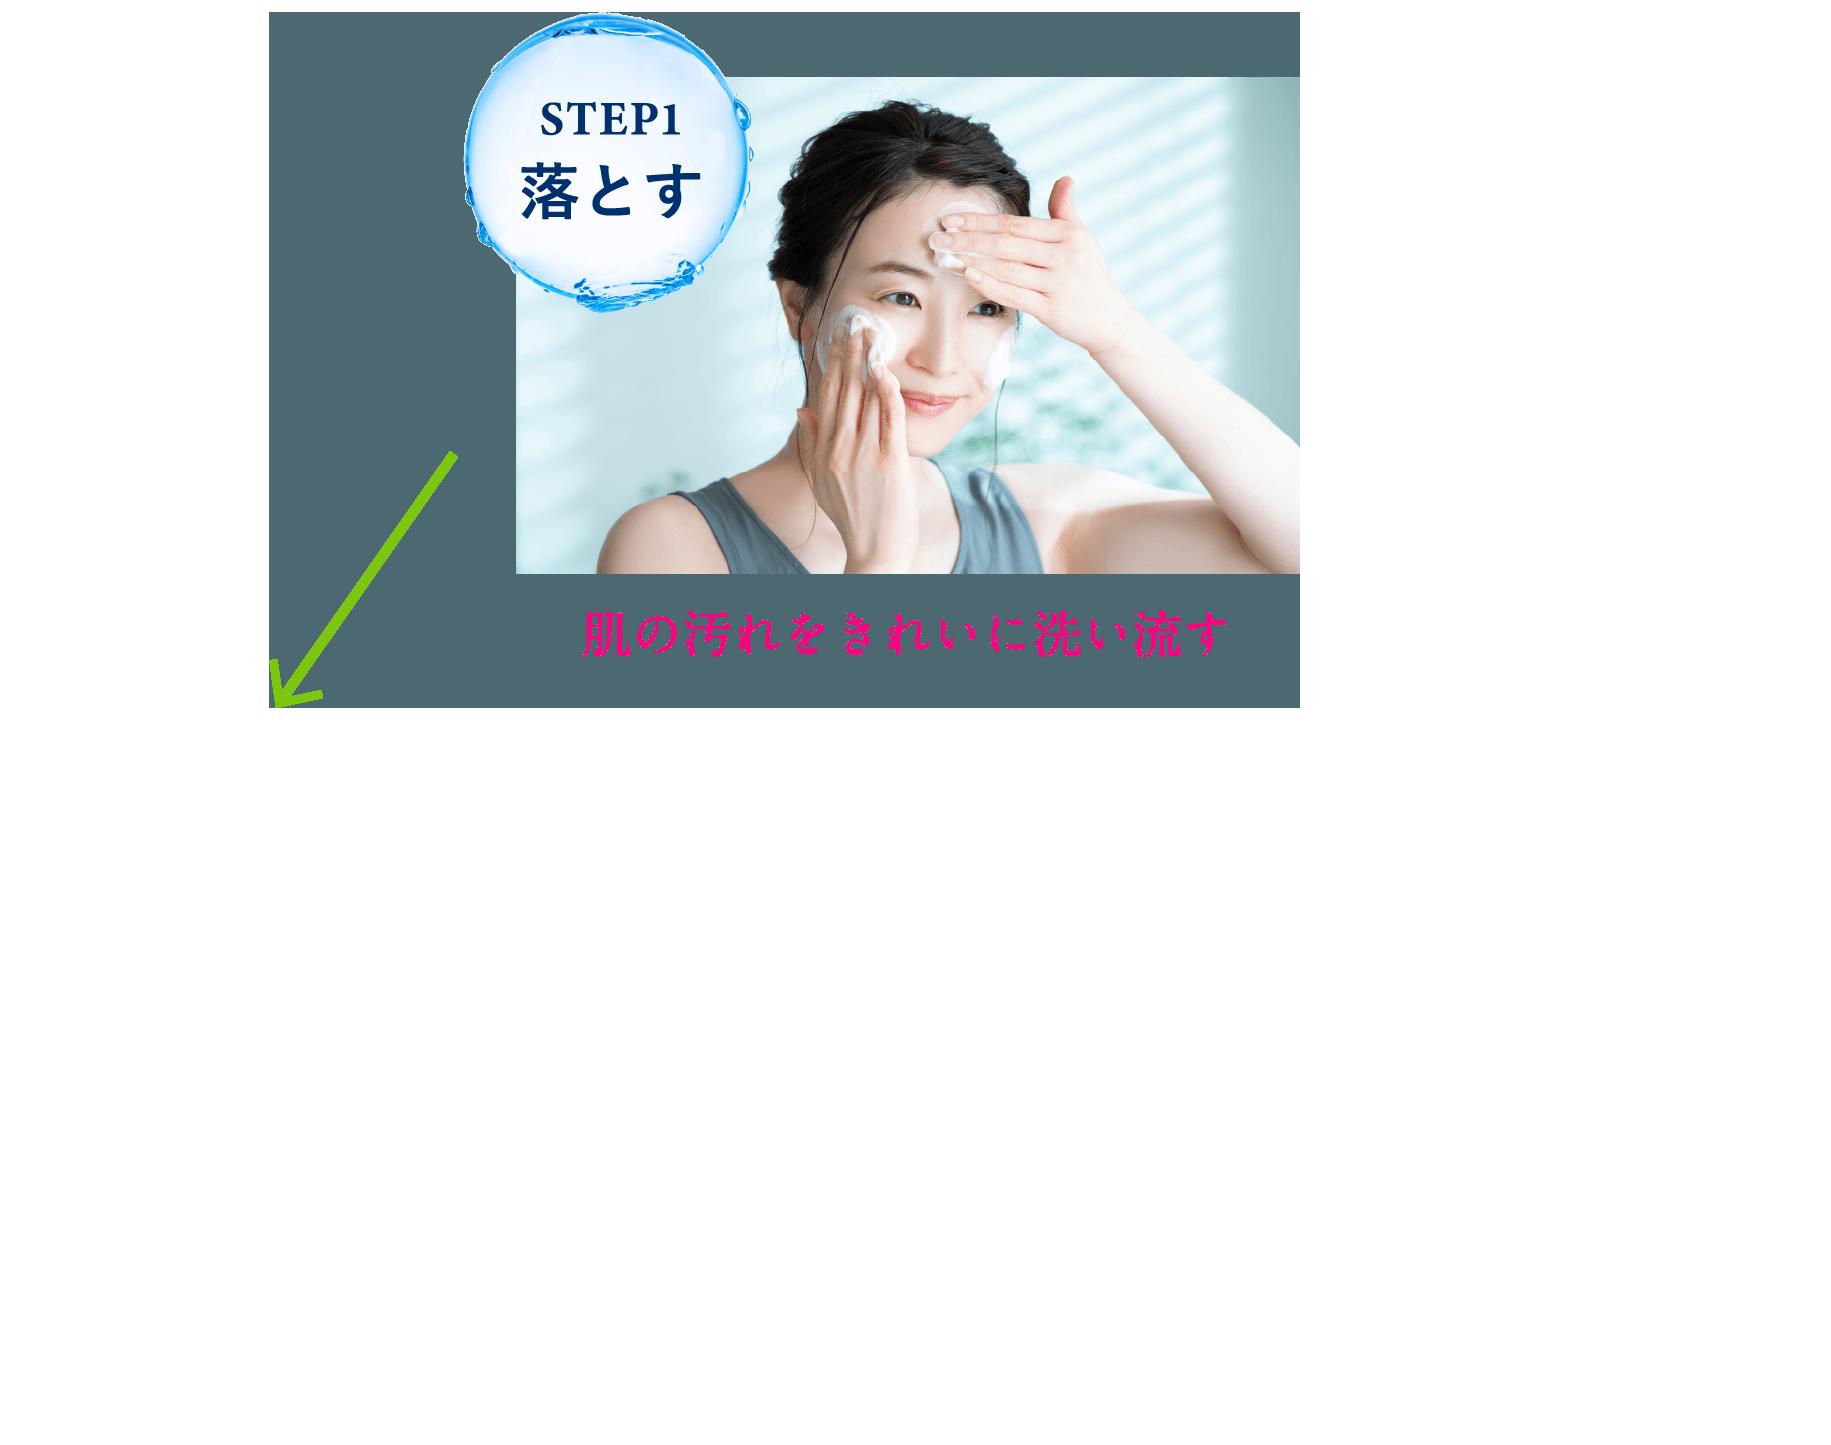 ステップ1、落とす。肌の汚れをきれいに洗い流す